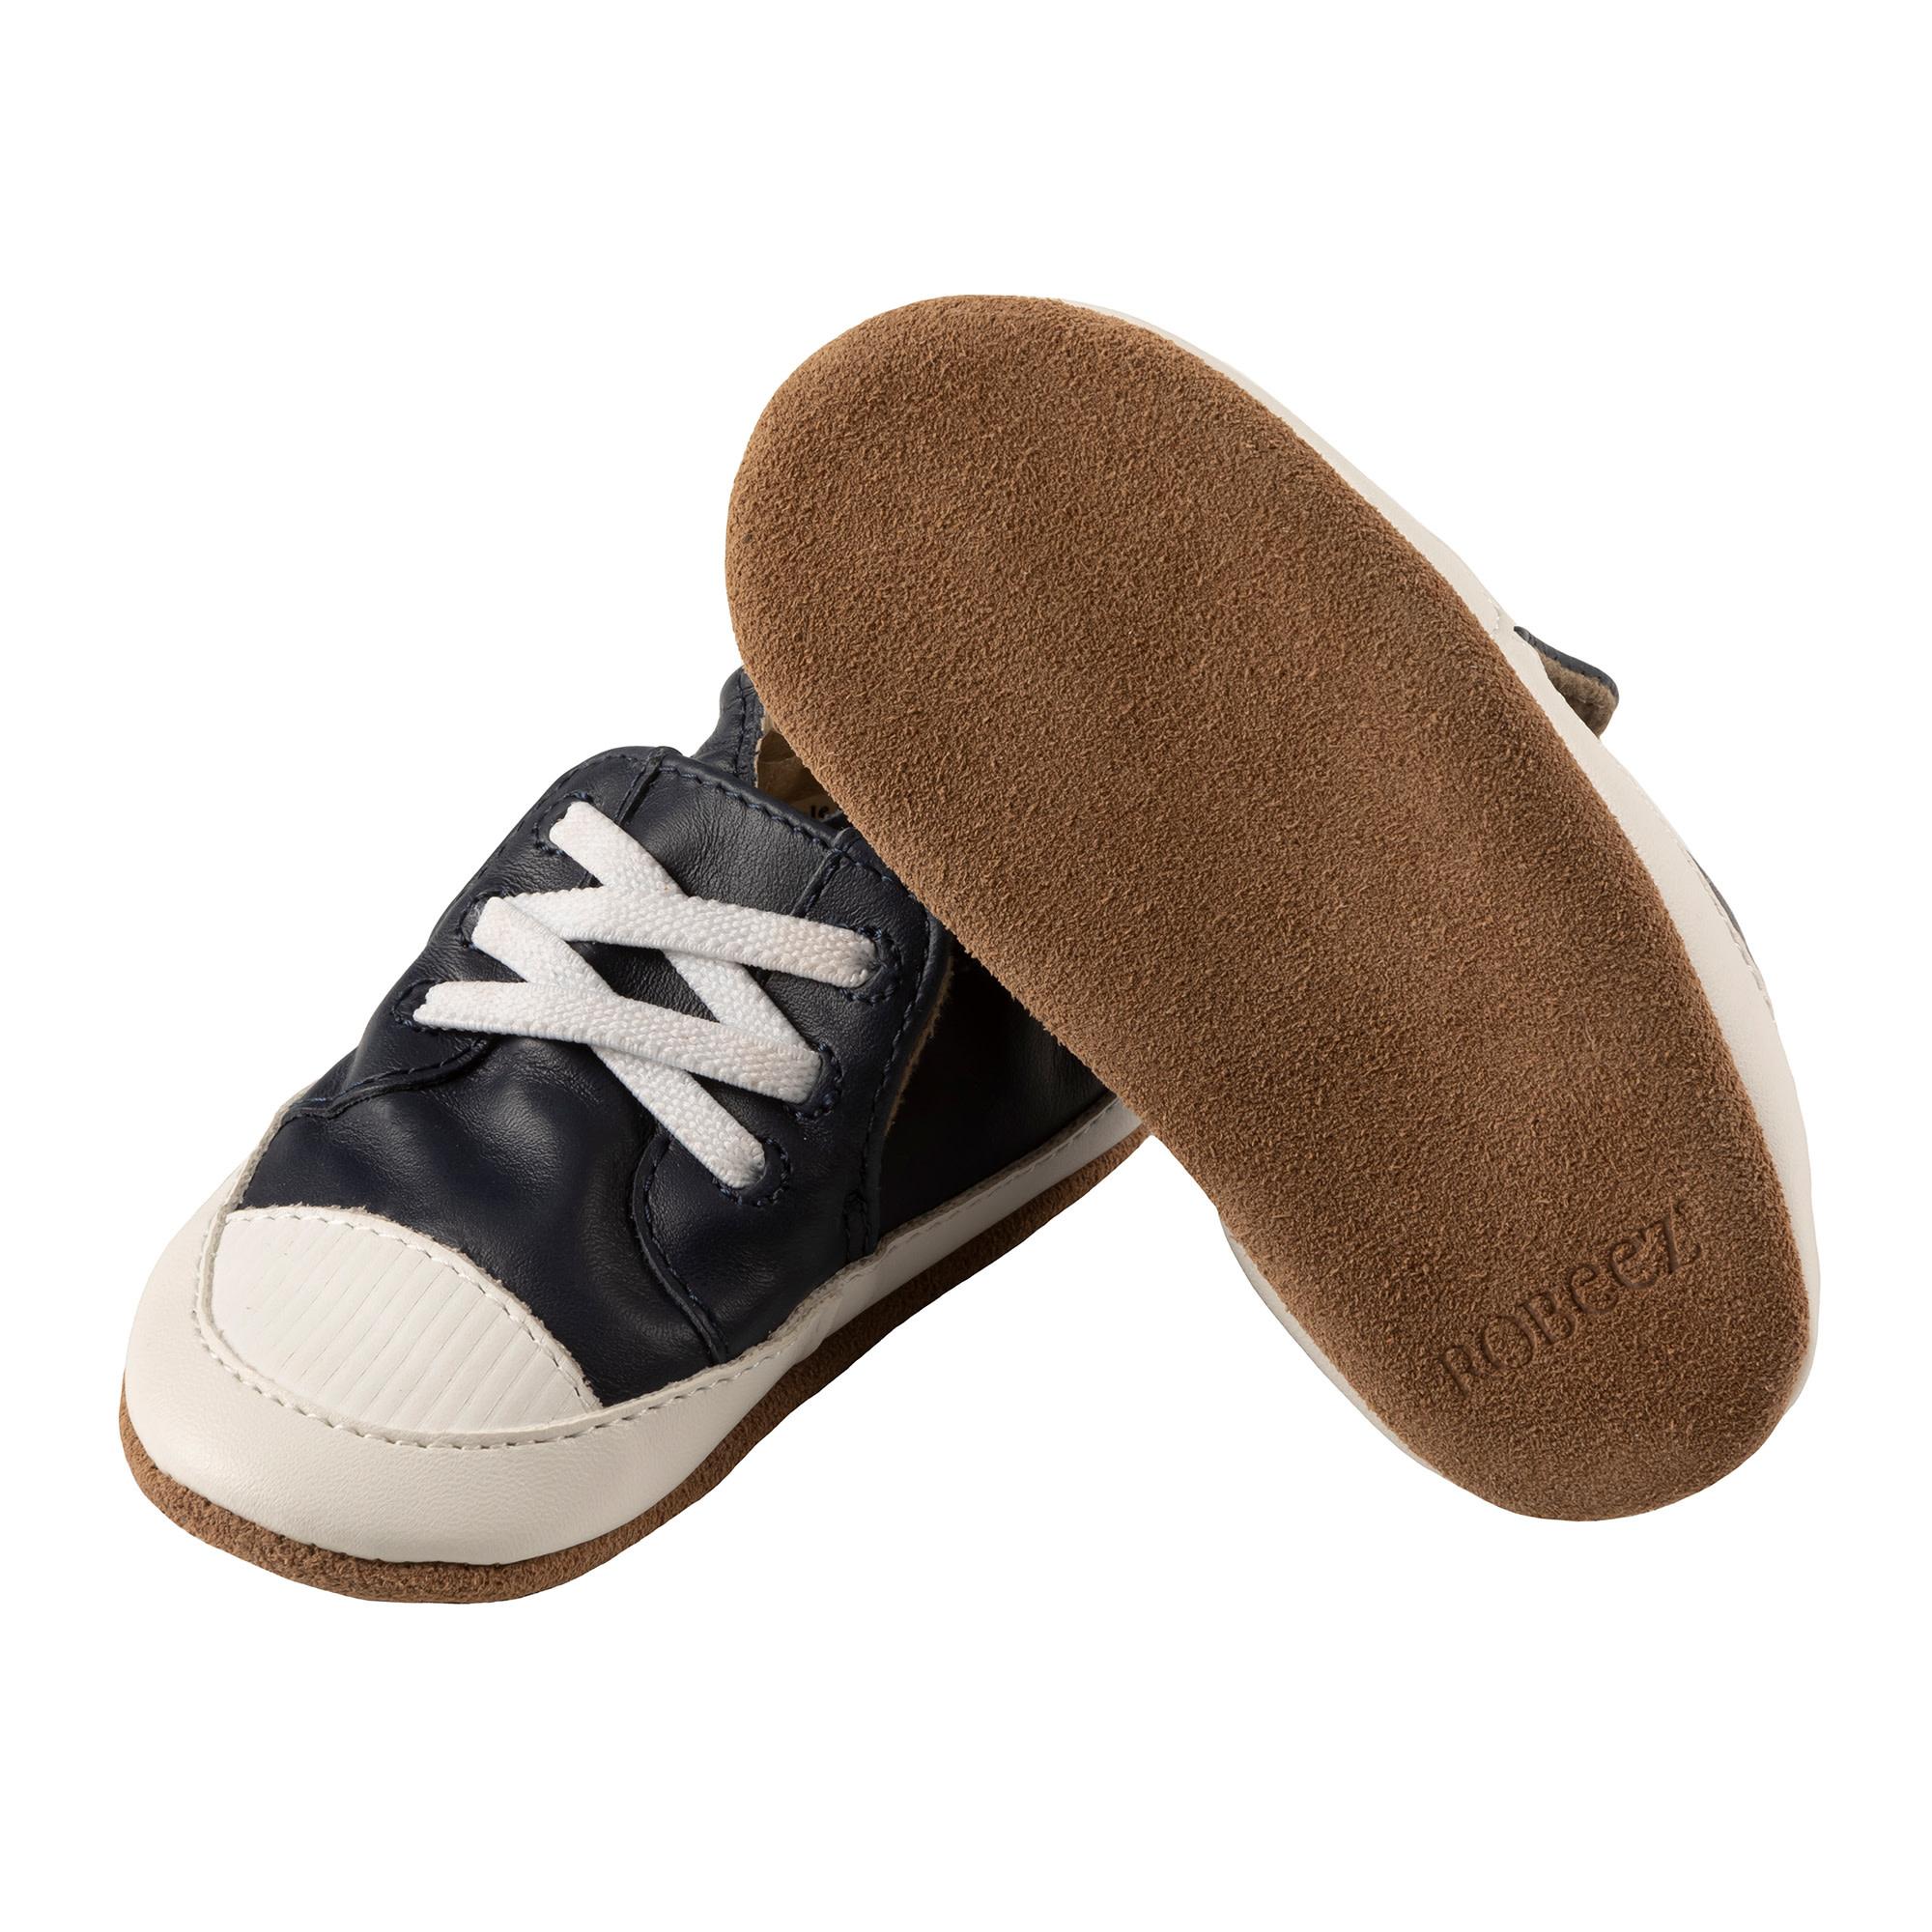 Corey Navy Robeez Shoes - Soft Soles